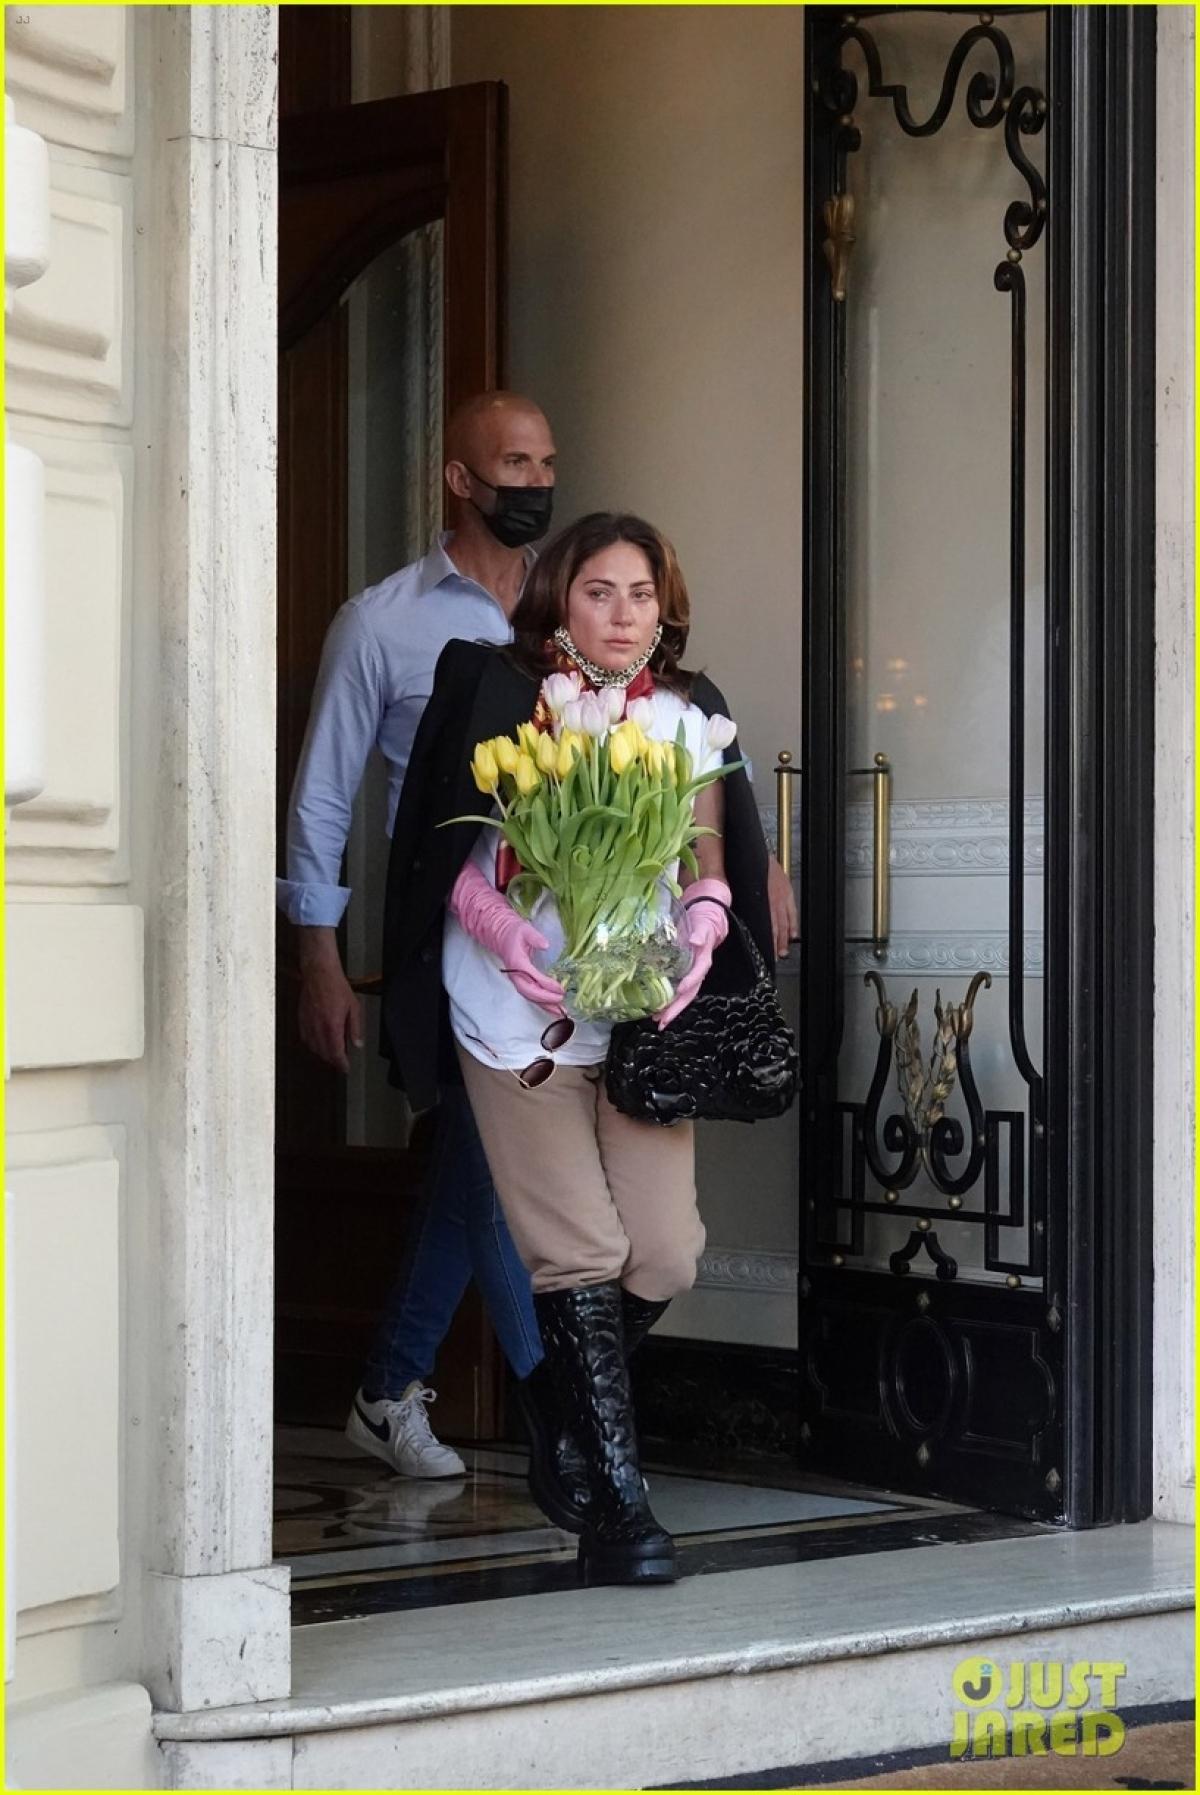 Lady Gaga hiện đang có cuộc sống hạnh phúc bênbạn trai Michael Polansky.